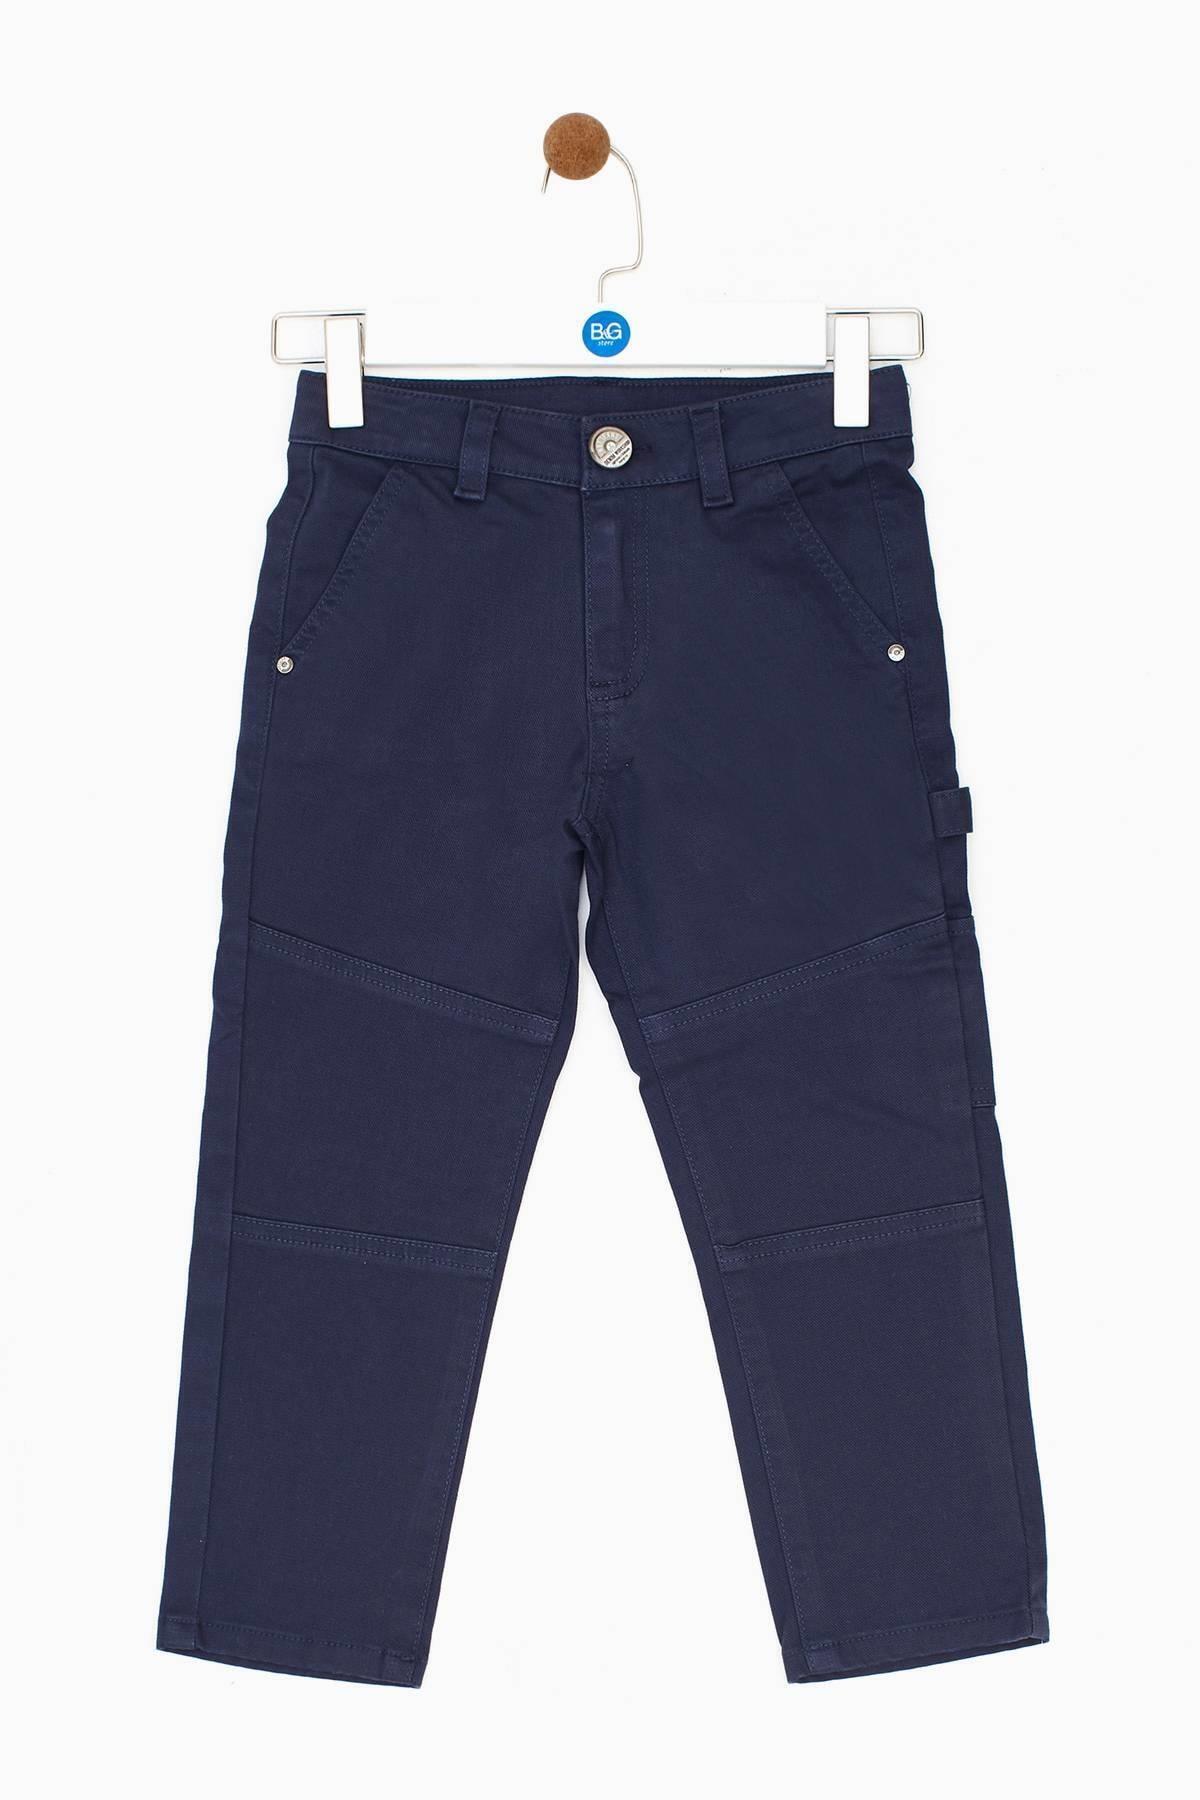 Nebbati Erkek Çocuk Lacivert Pantolon 2